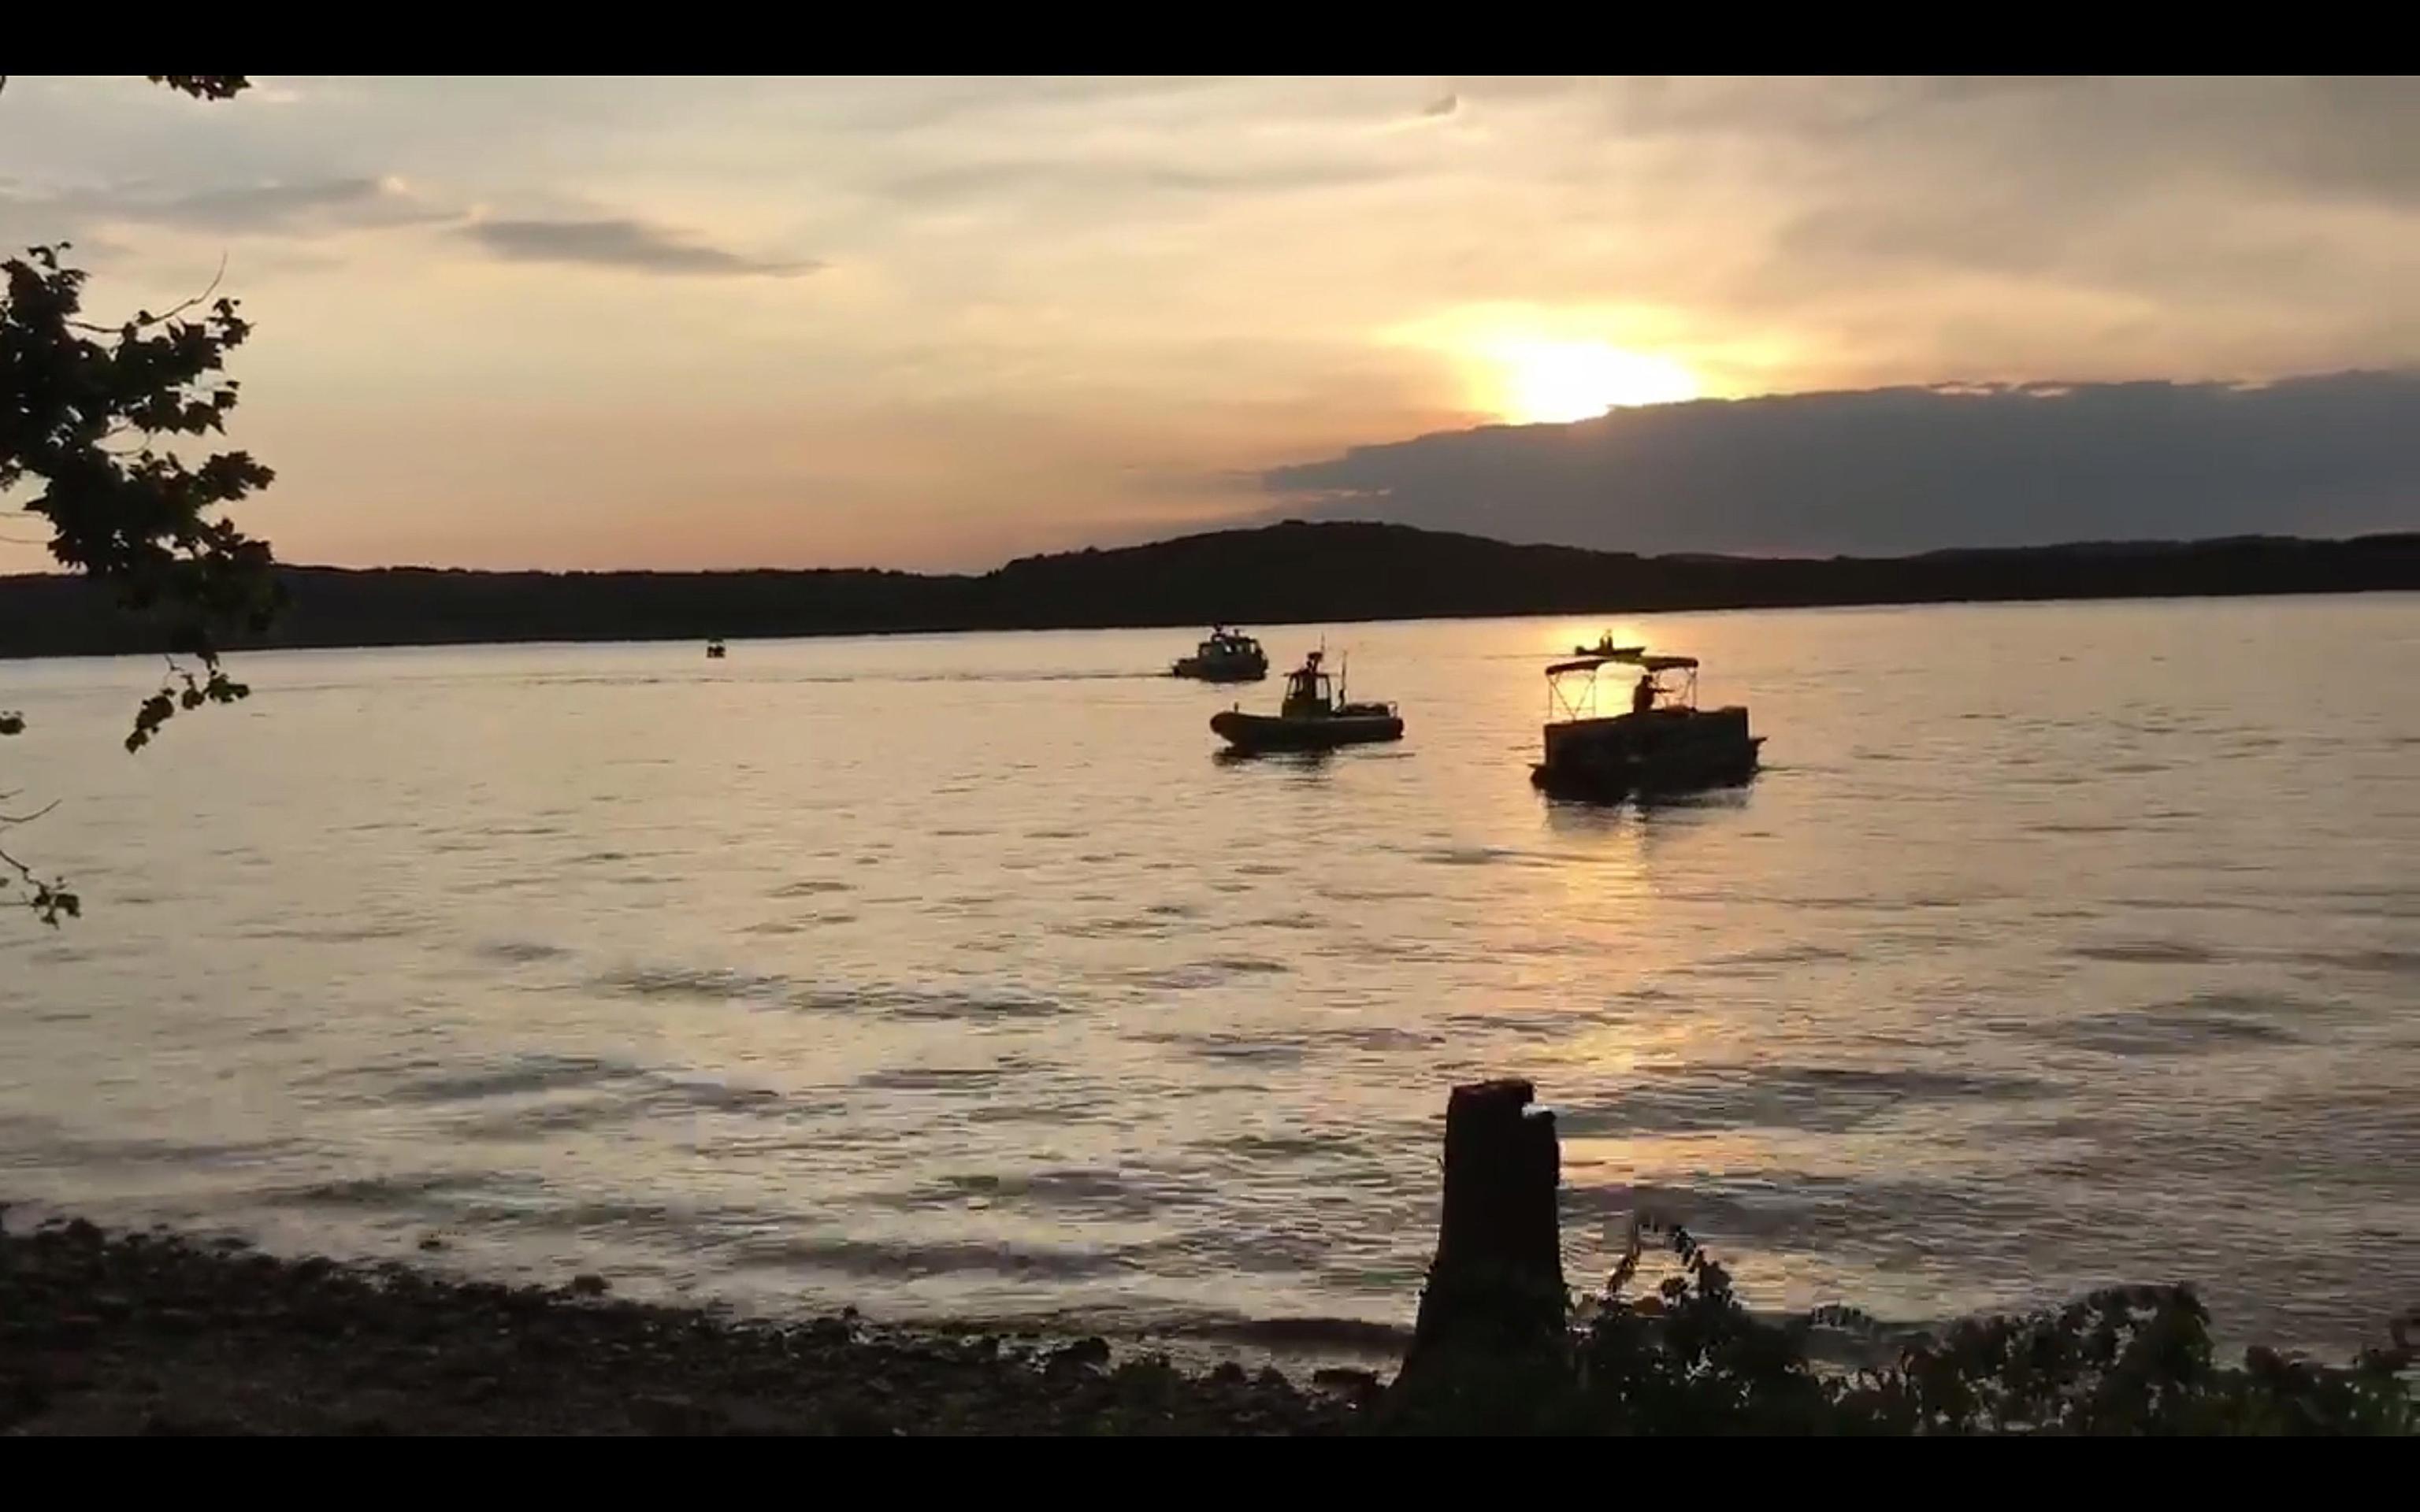 Barca da crociera si ribalta nel lago. Molti morti, diversi dispersi